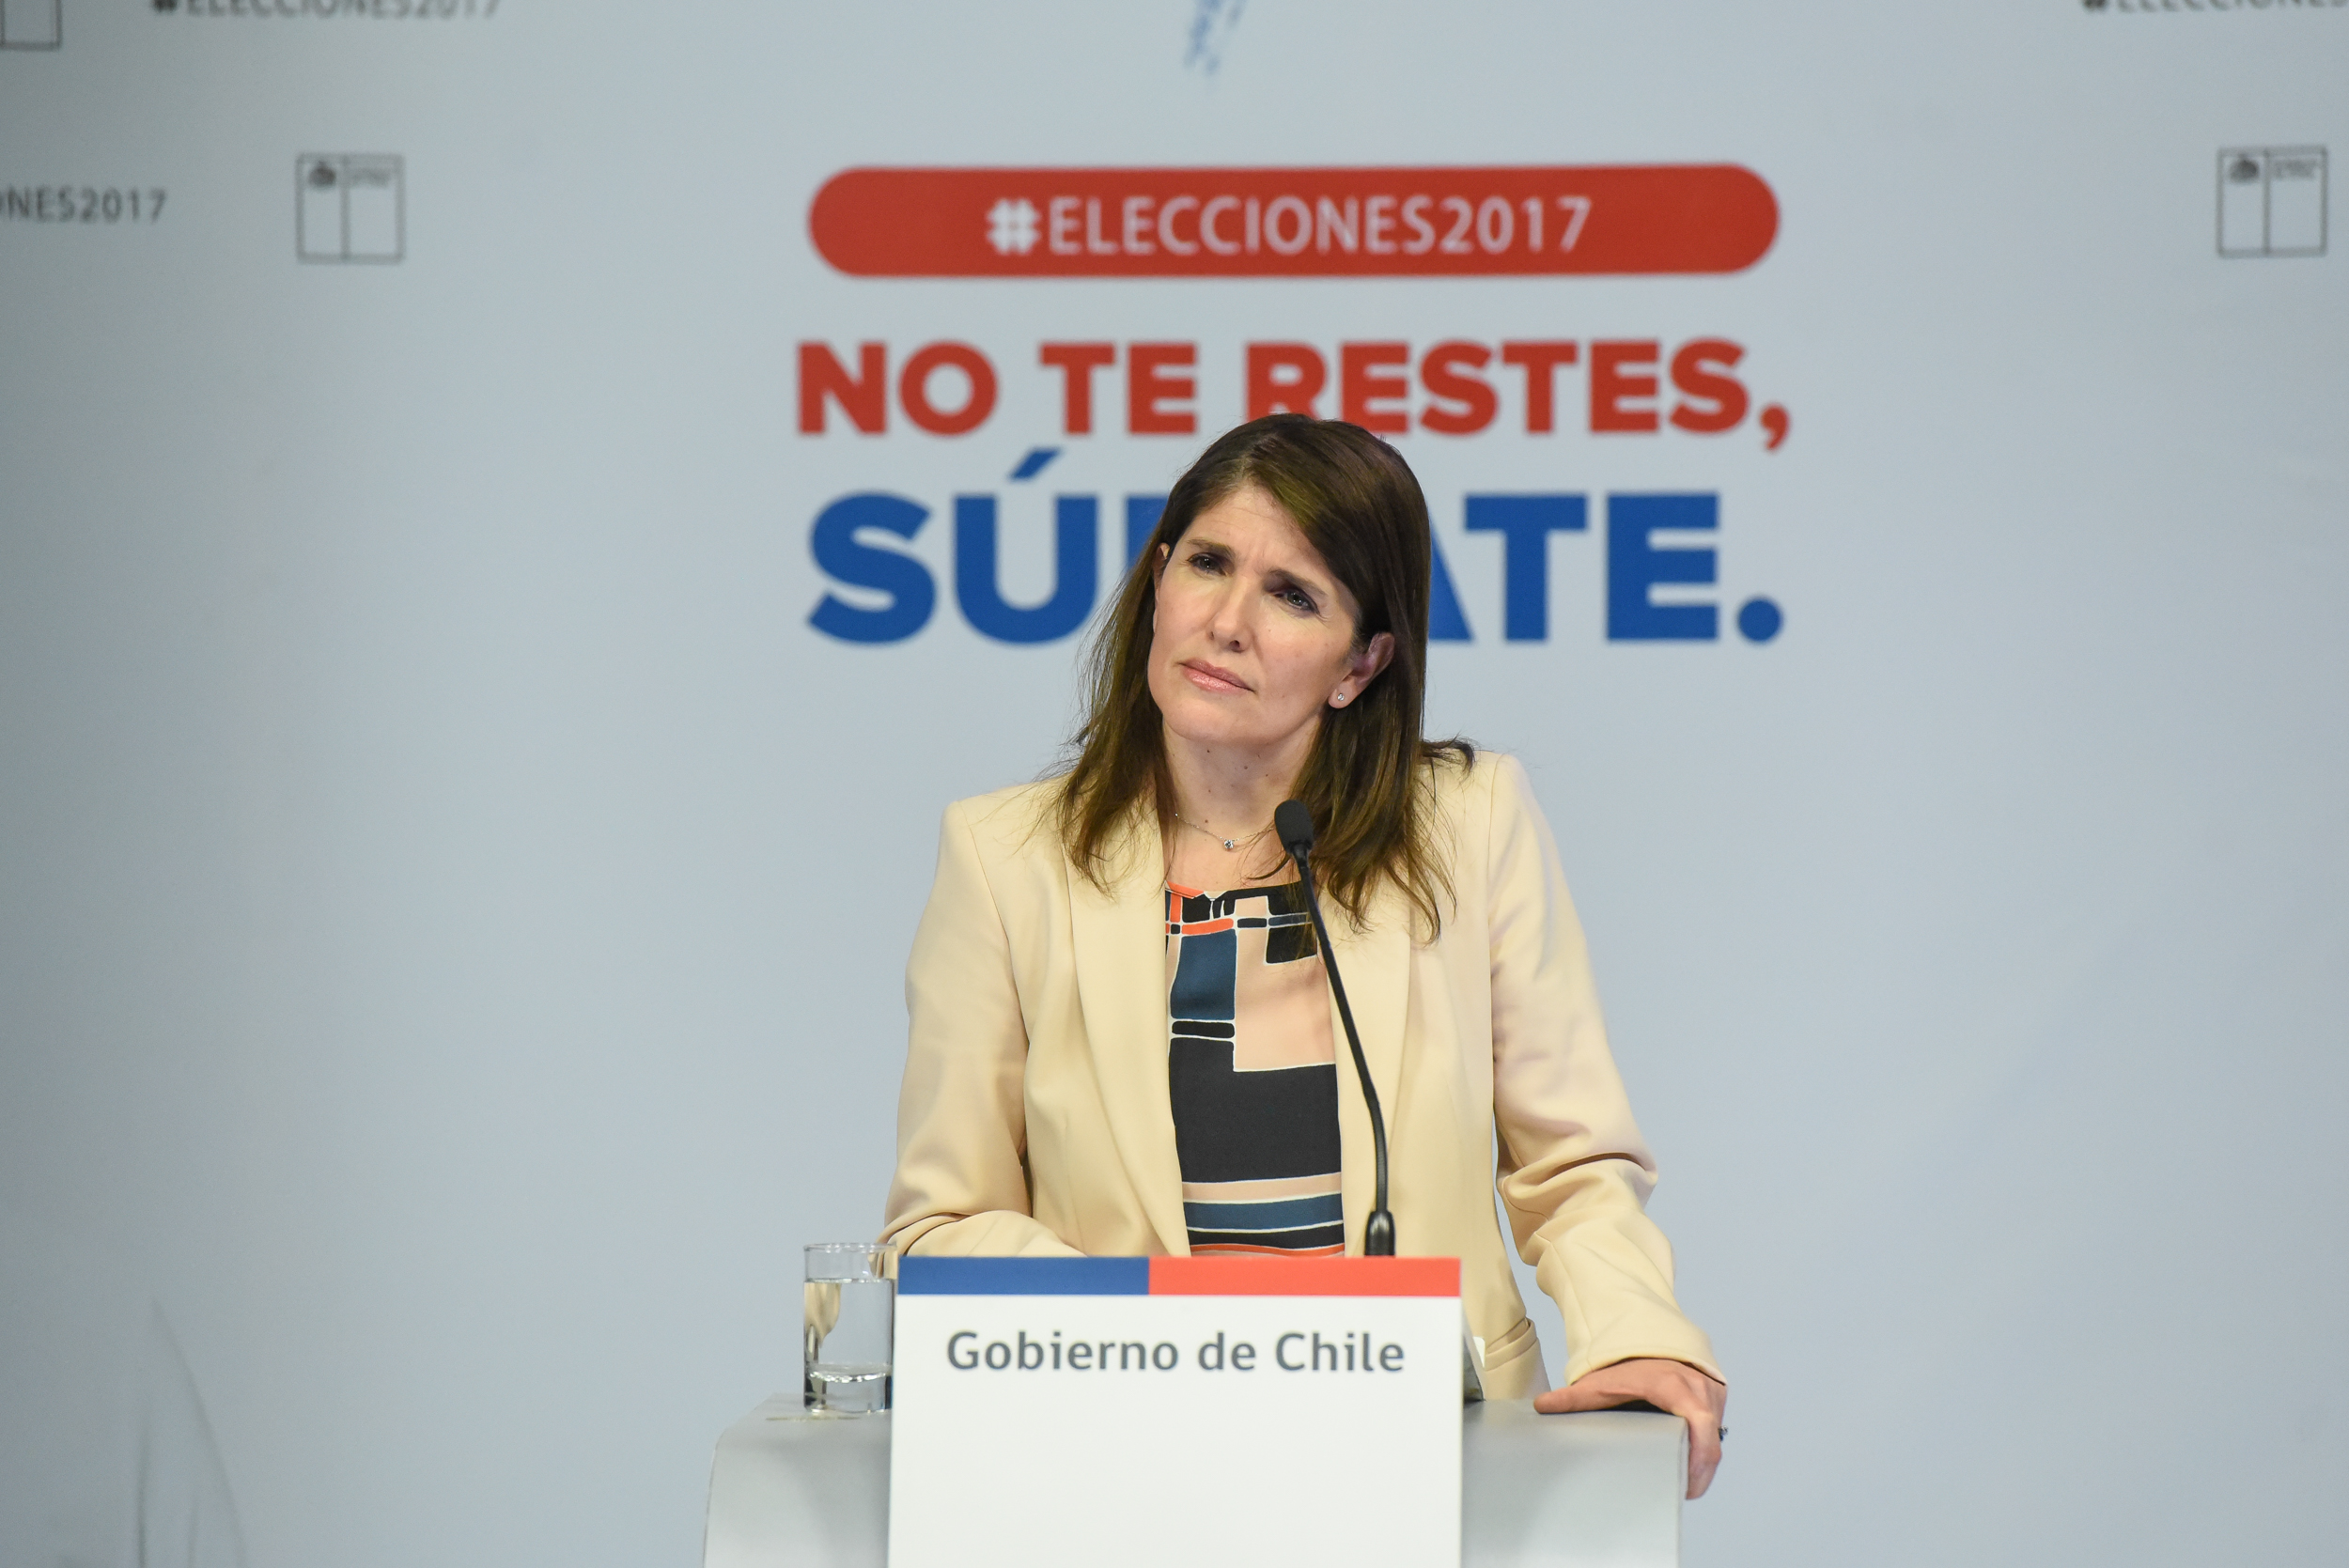 """Gobierno por acusaciones de fraude electoral: """"Cualquier denuncia tiene que hacerse ante los organismos pertinentes"""""""